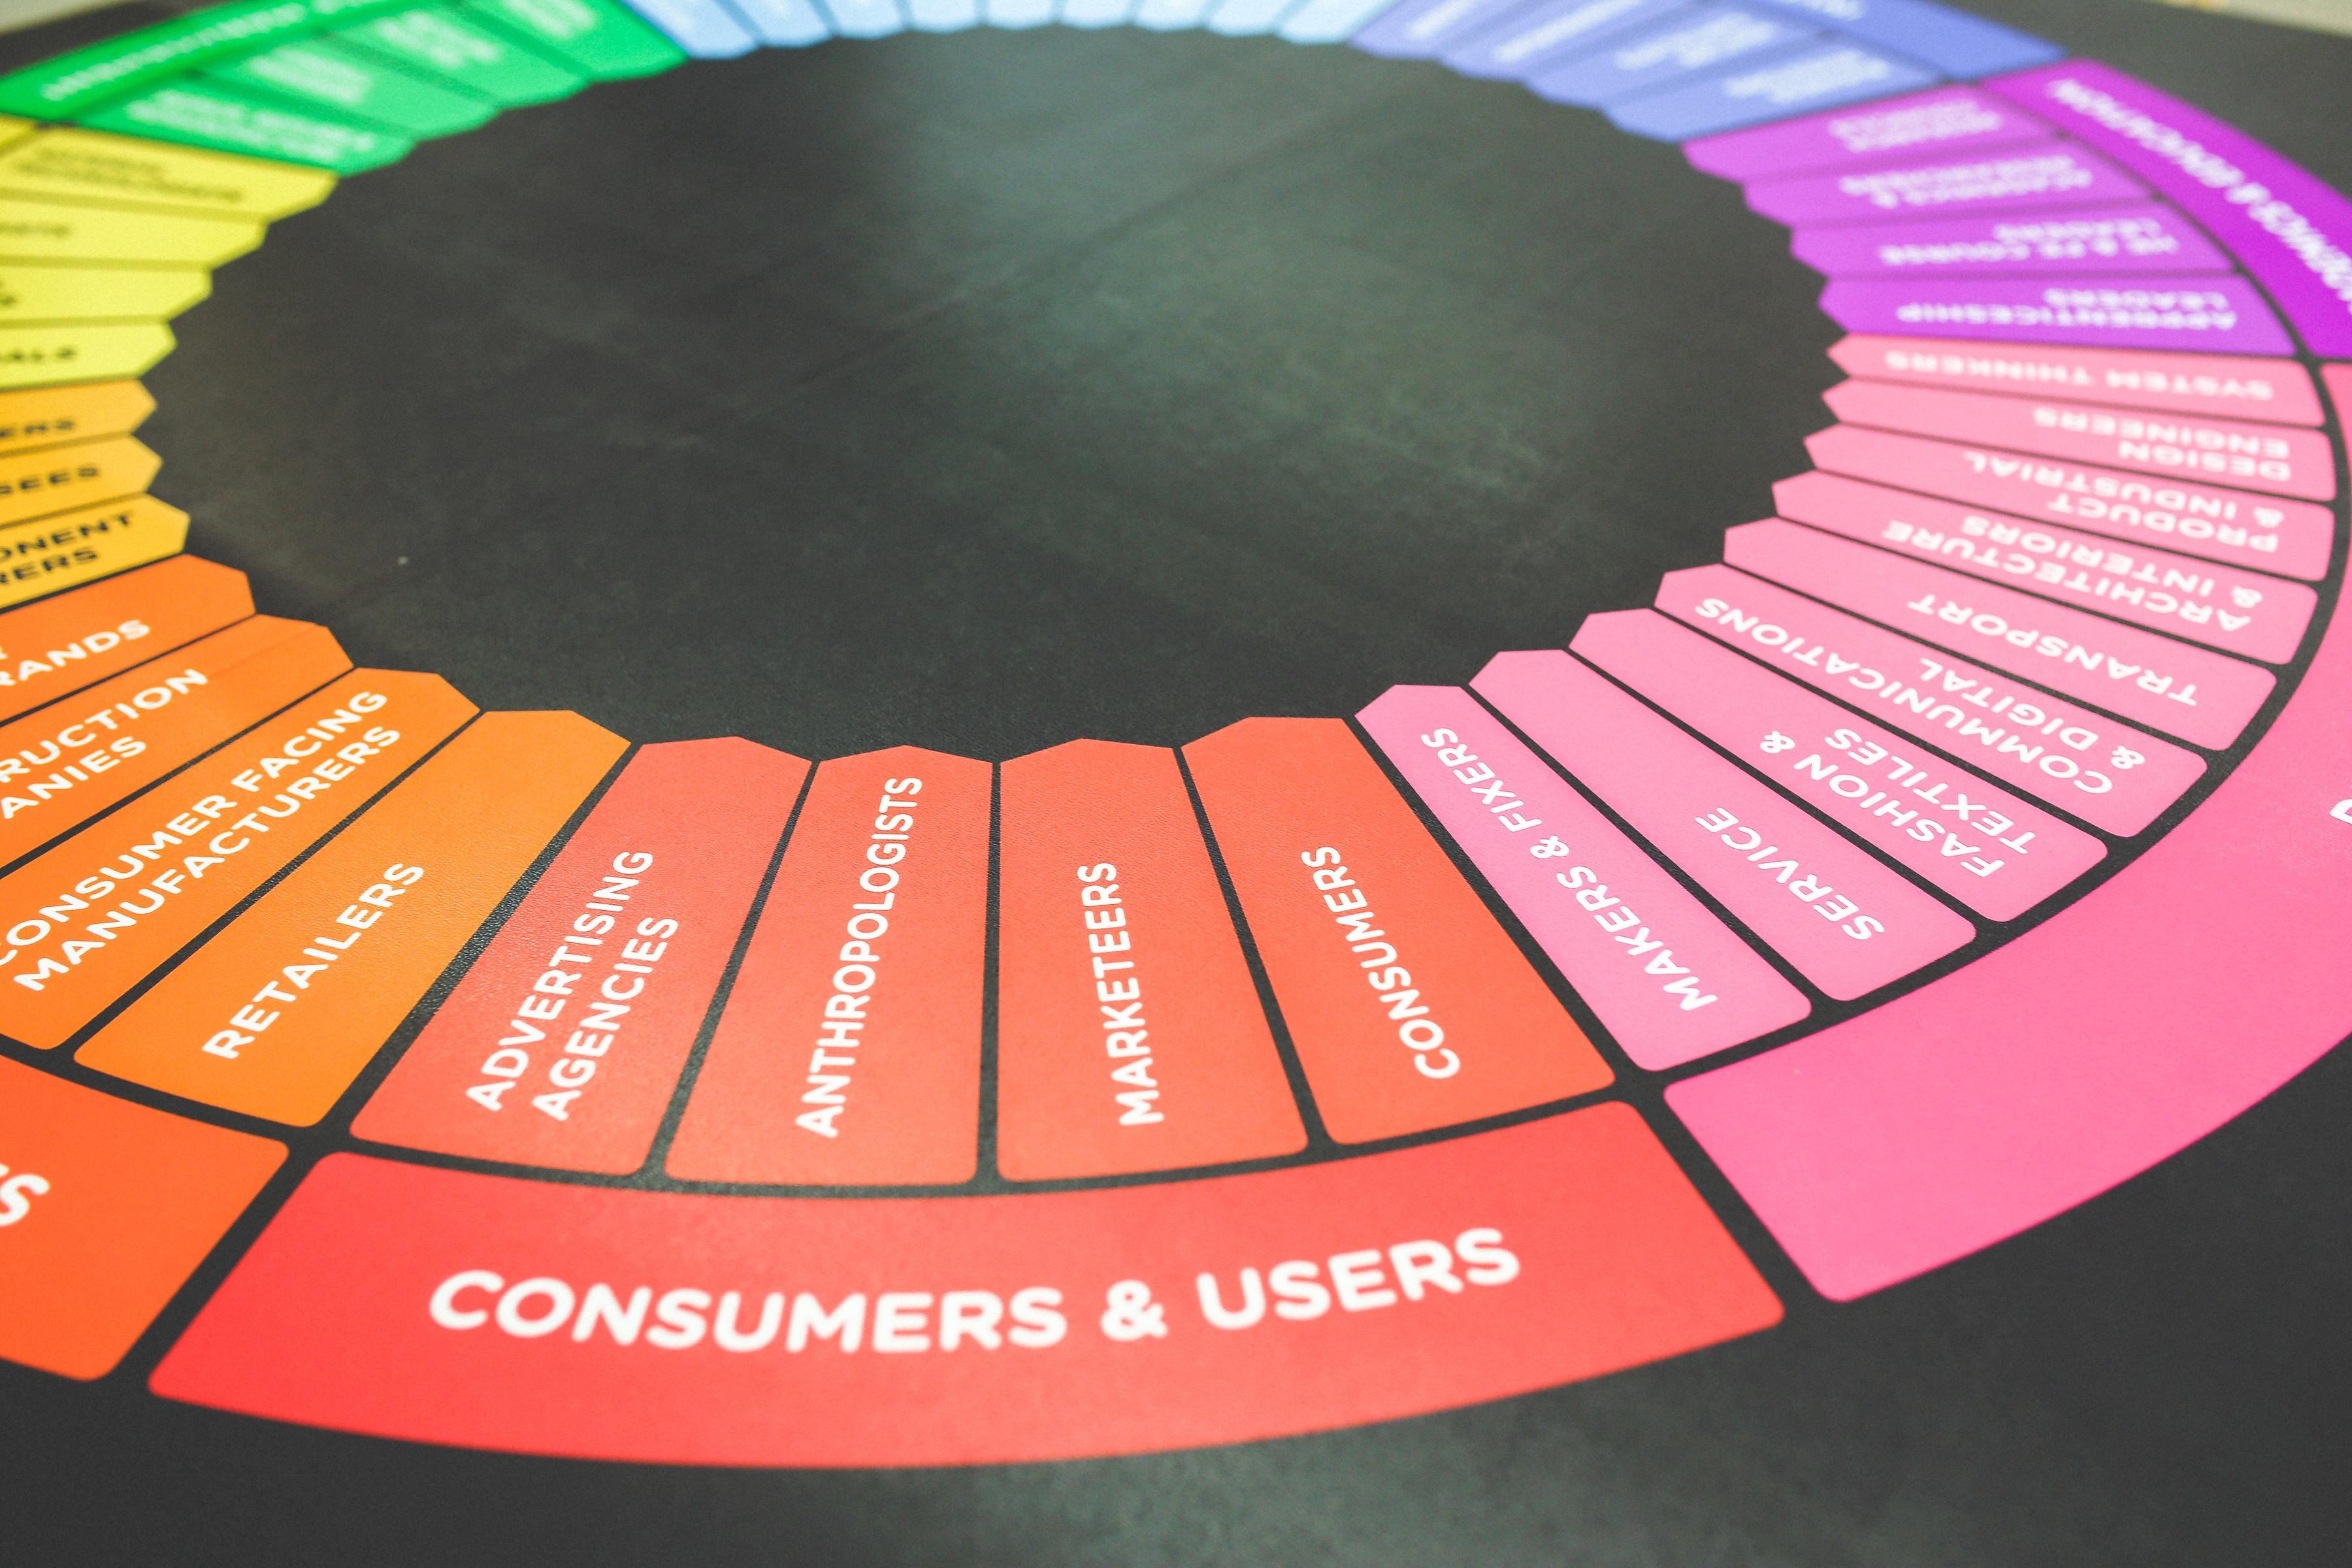 ラストワンマイル株式会社におけるLaravelを用いた販促用マーケティングツール開発業務